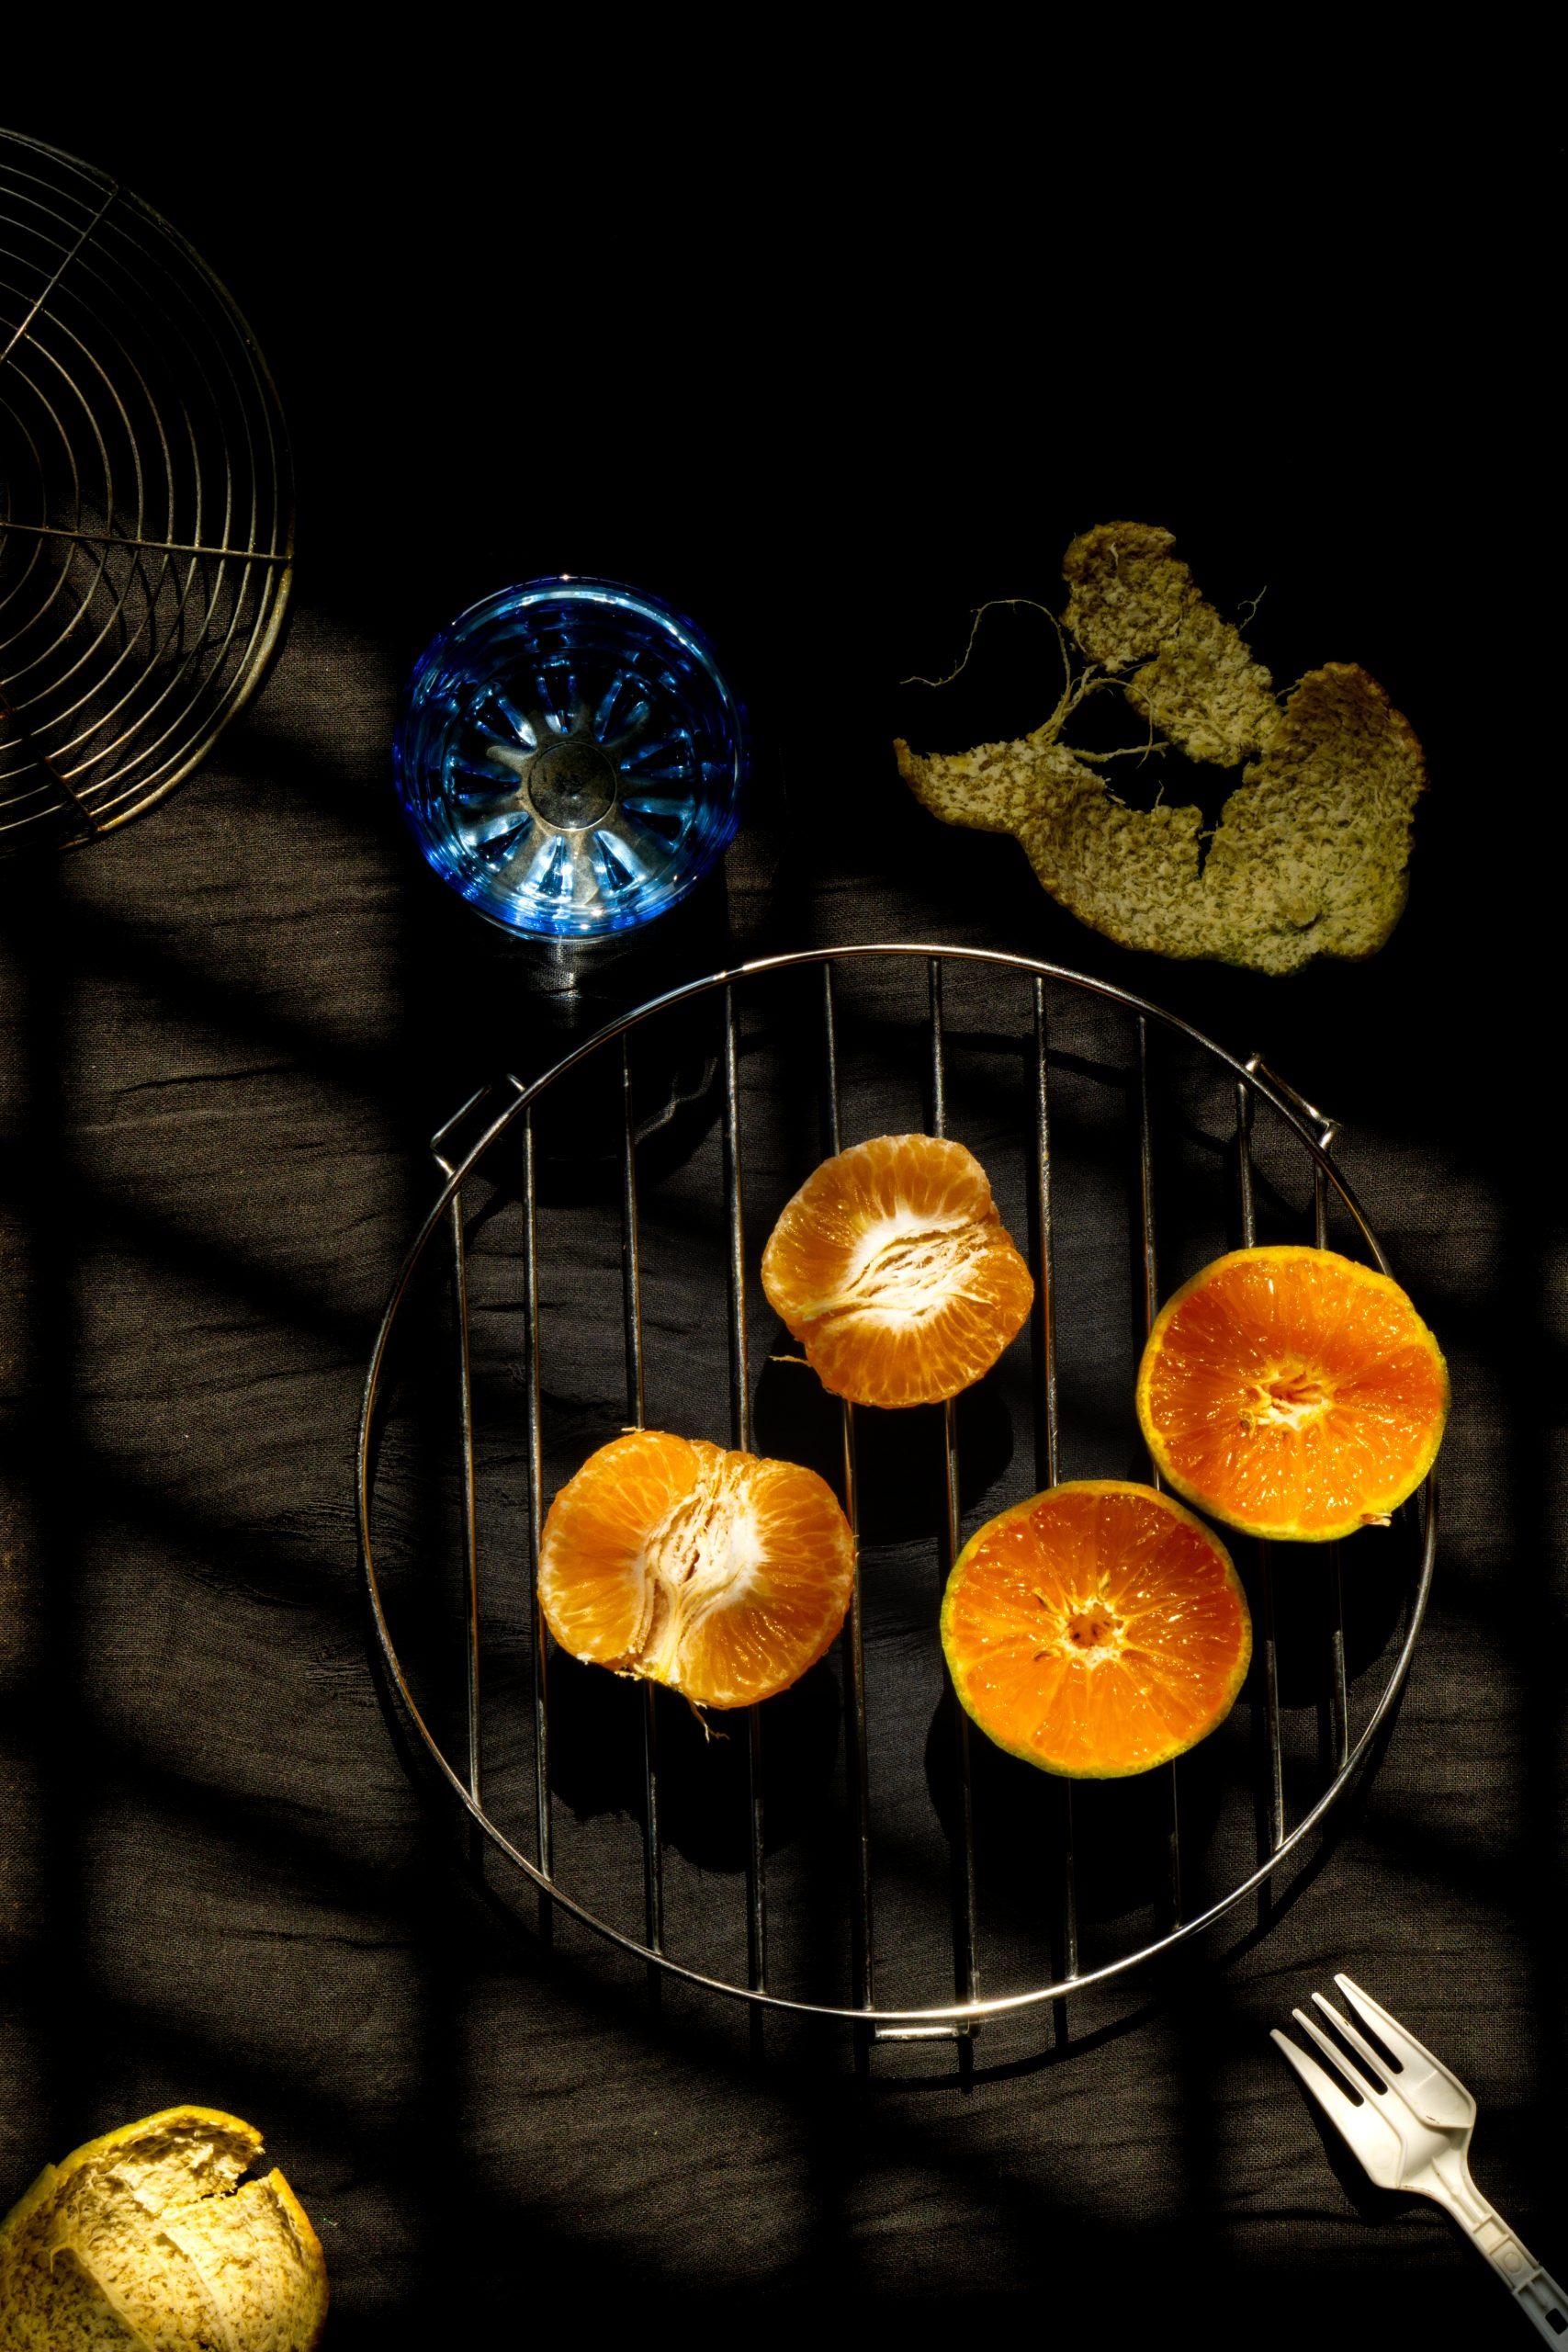 Pealed oranges to eat